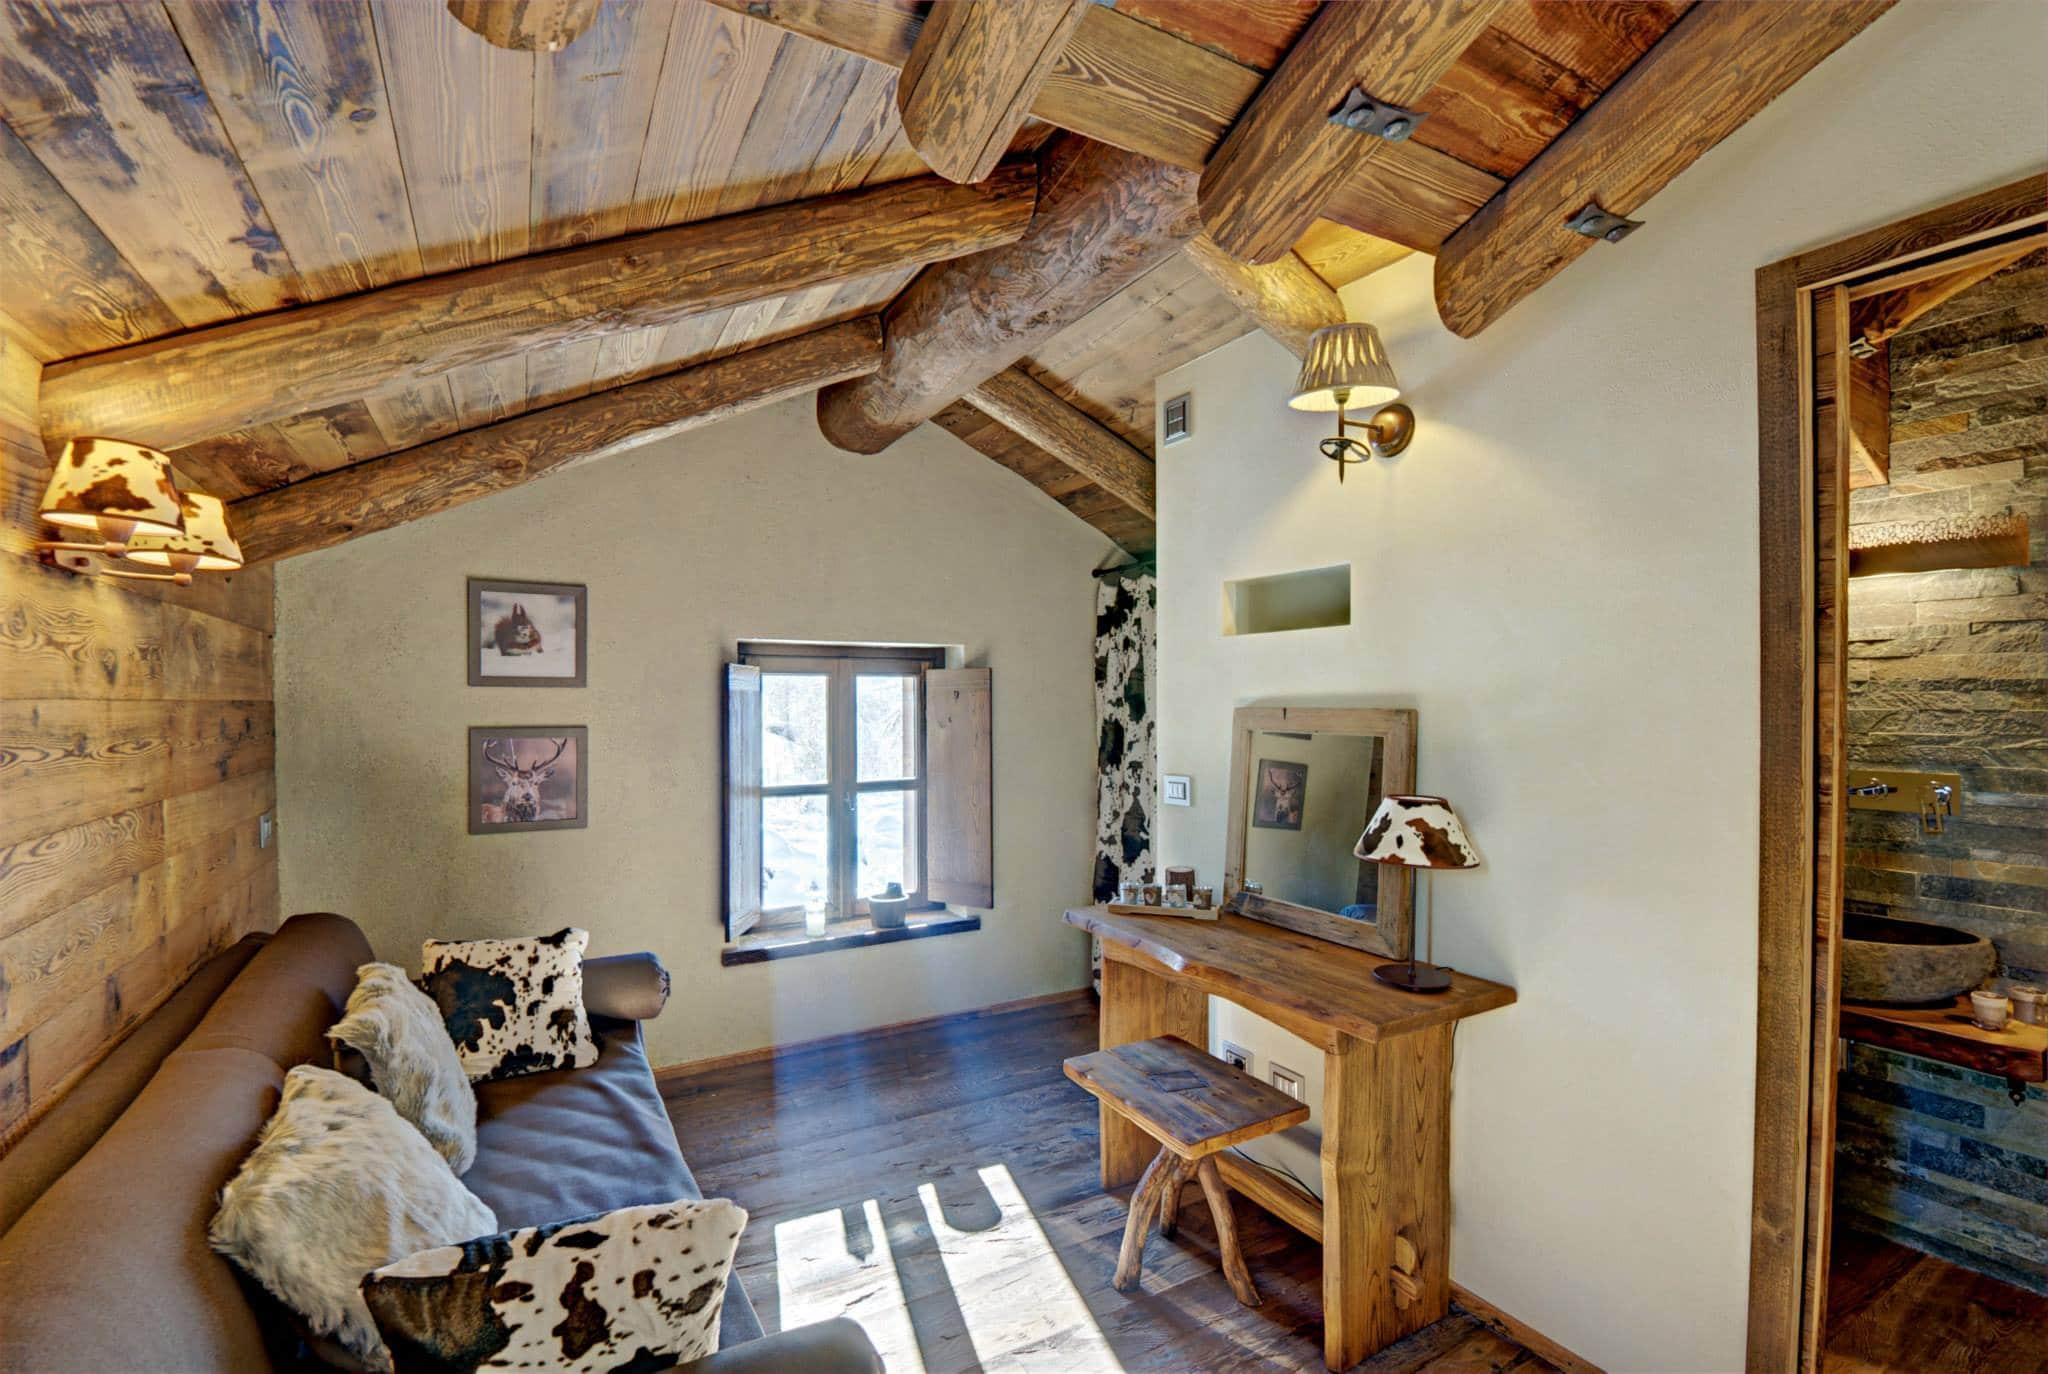 decoración de interiores salas rusticas:La chimenea de piedra es un elemento fuerte en el diseño de la sala